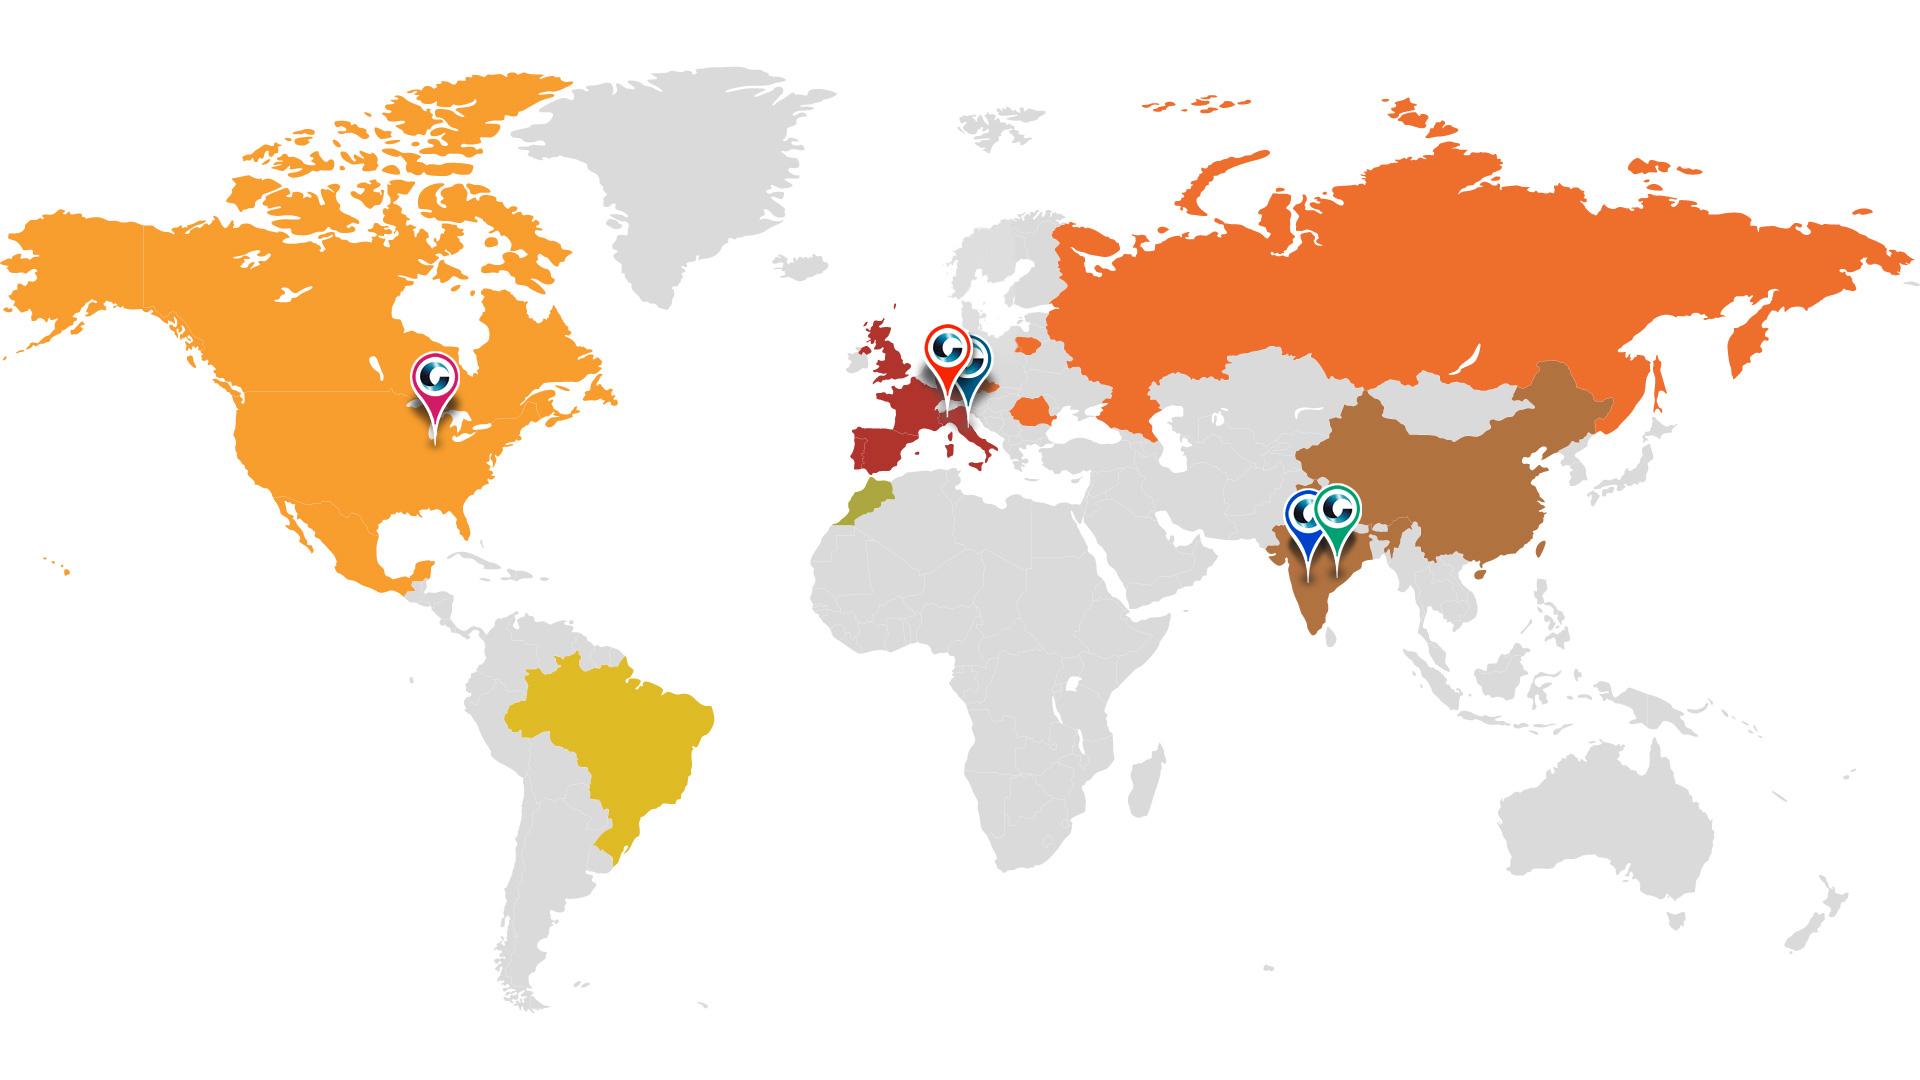 Mappa mondiale con le sedi